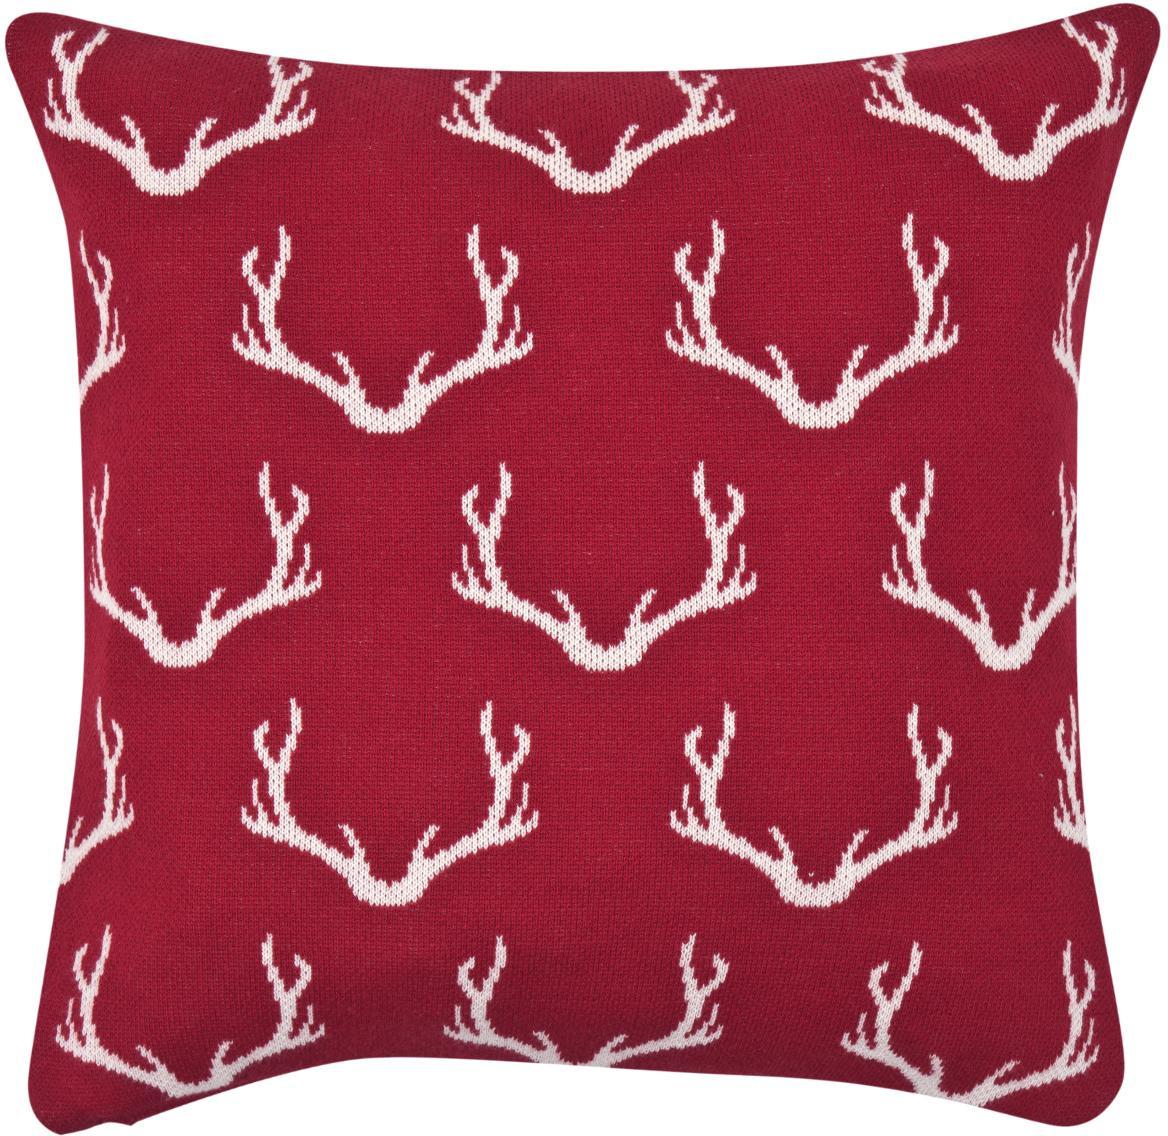 Federa con corna lavorata a maglia Malte, Cotone, Rosso, crema, Larg. 40 x Lung. 40 cm